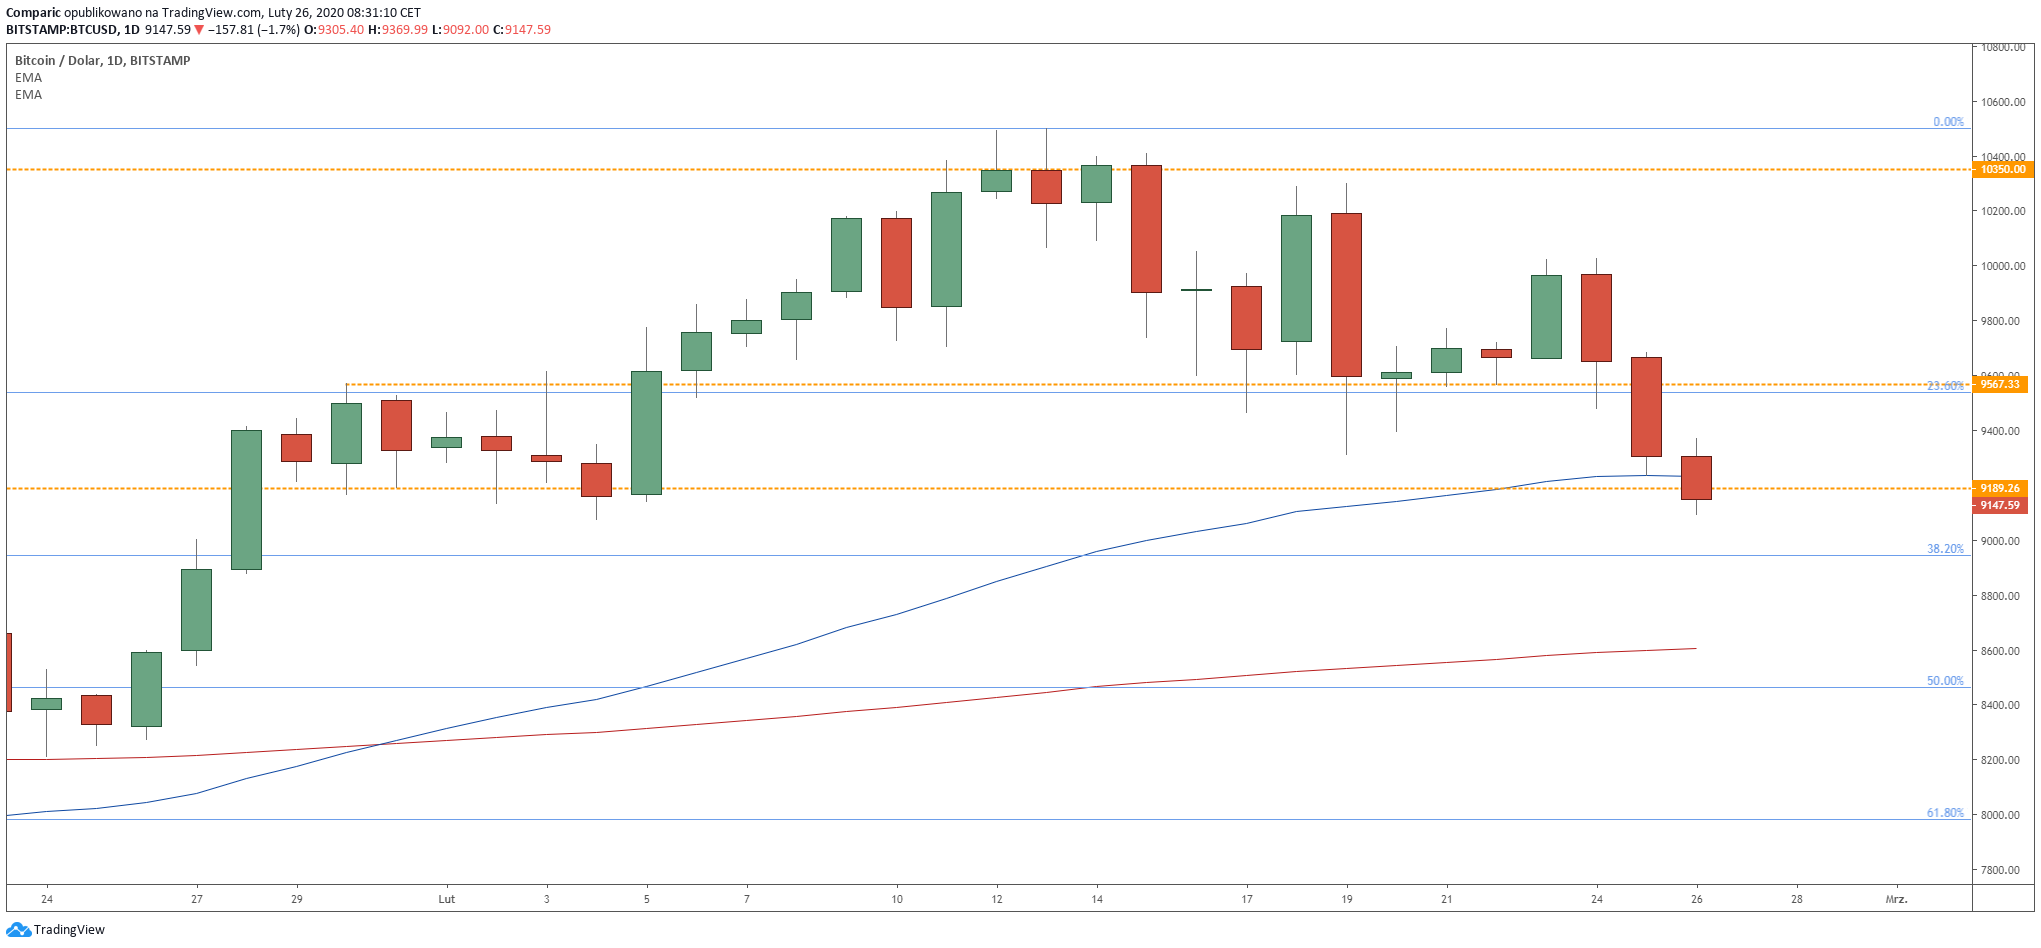 Bitcoin spada kolejną sesję z rzędu i narusza kolejne techniczne wsparcia. Źródło: Tradingview.com